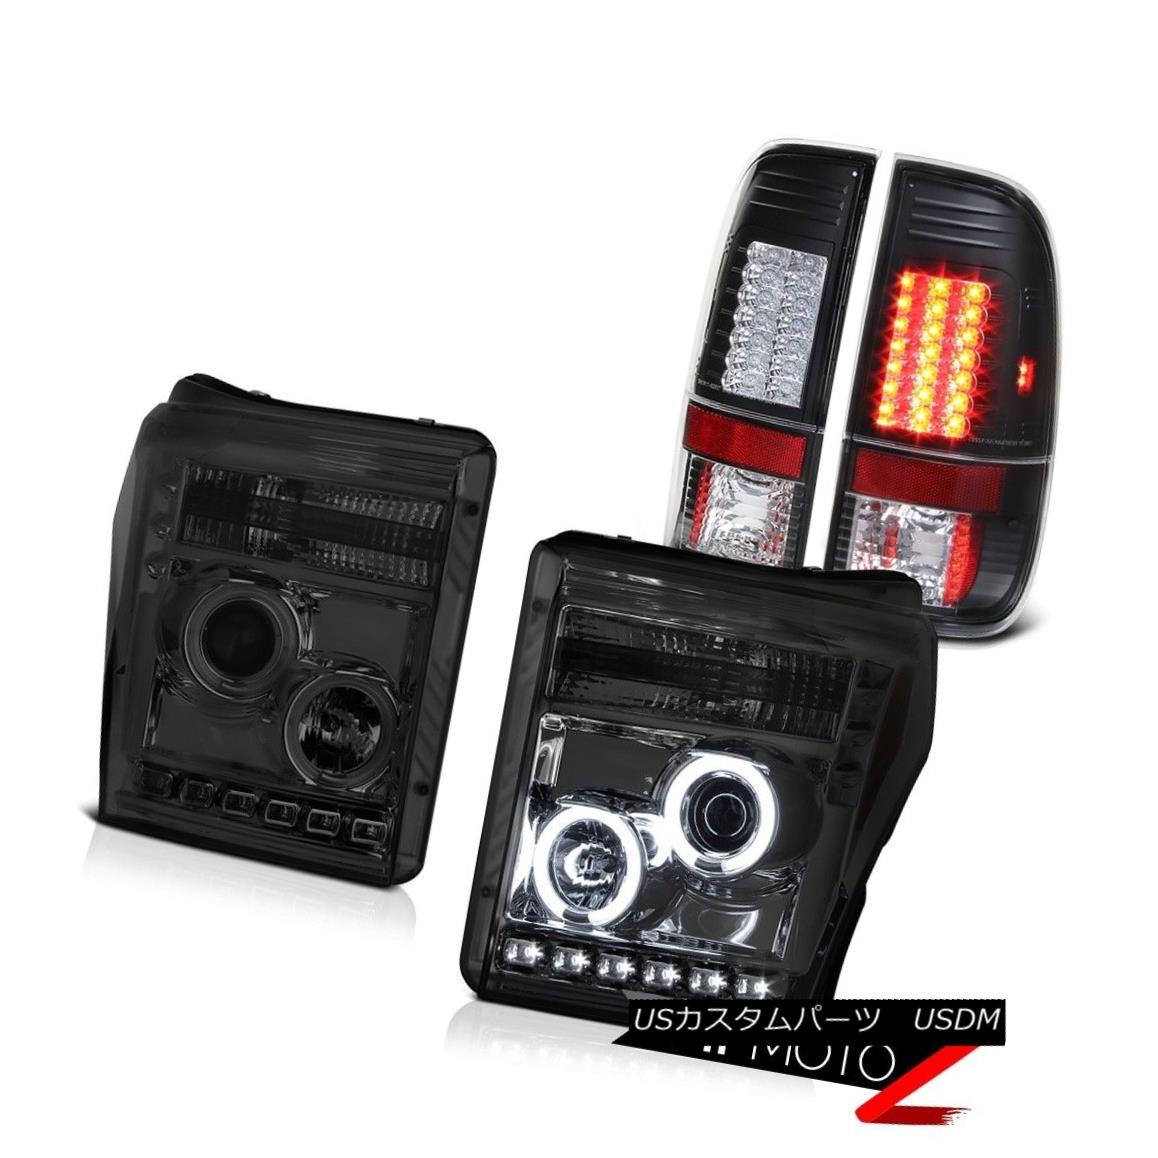 ヘッドライト 11 12 13 14 15 16 F250 6.2L Rear Brake Lamps Titanium Smoke Projector Headlamps 11 12 13 14 15 16 F250 6.2Lリアブレーキランプチタンスモークプロジェクターヘッドランプ